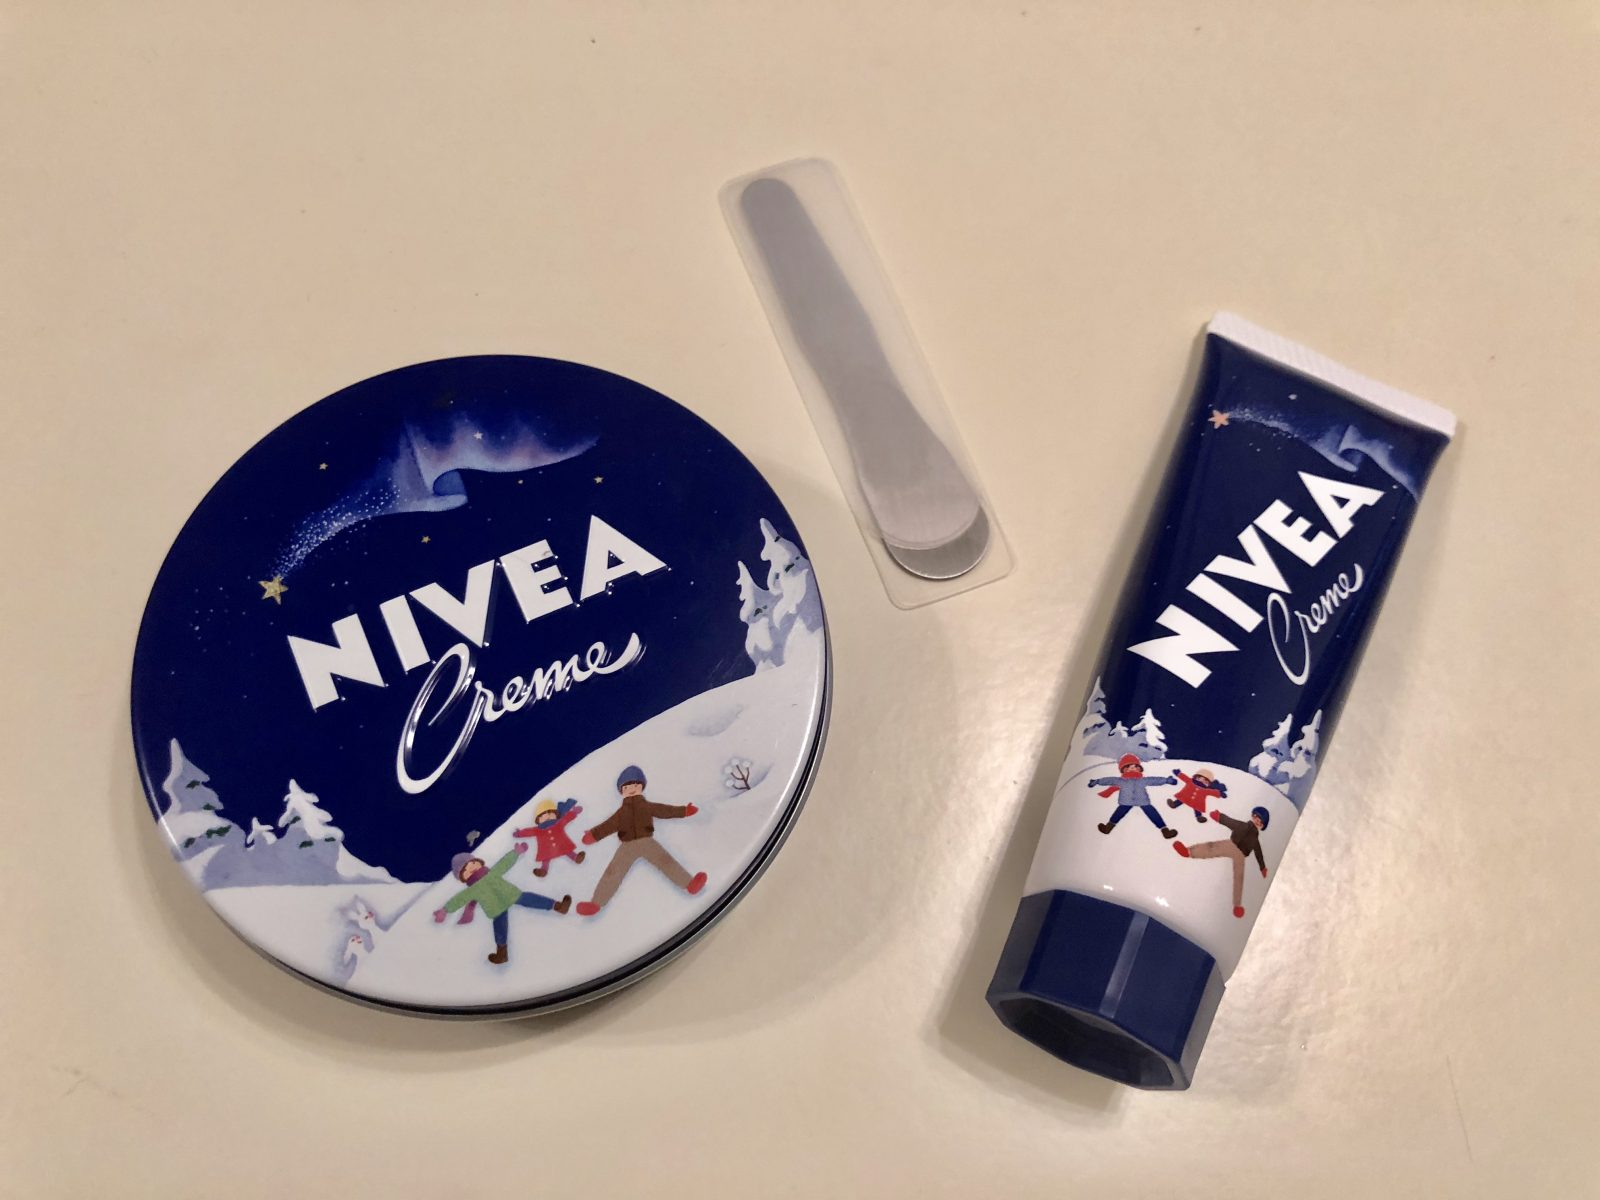 ニベア青缶とチューブ、美容通の「使い分けアイディア」あれこれ